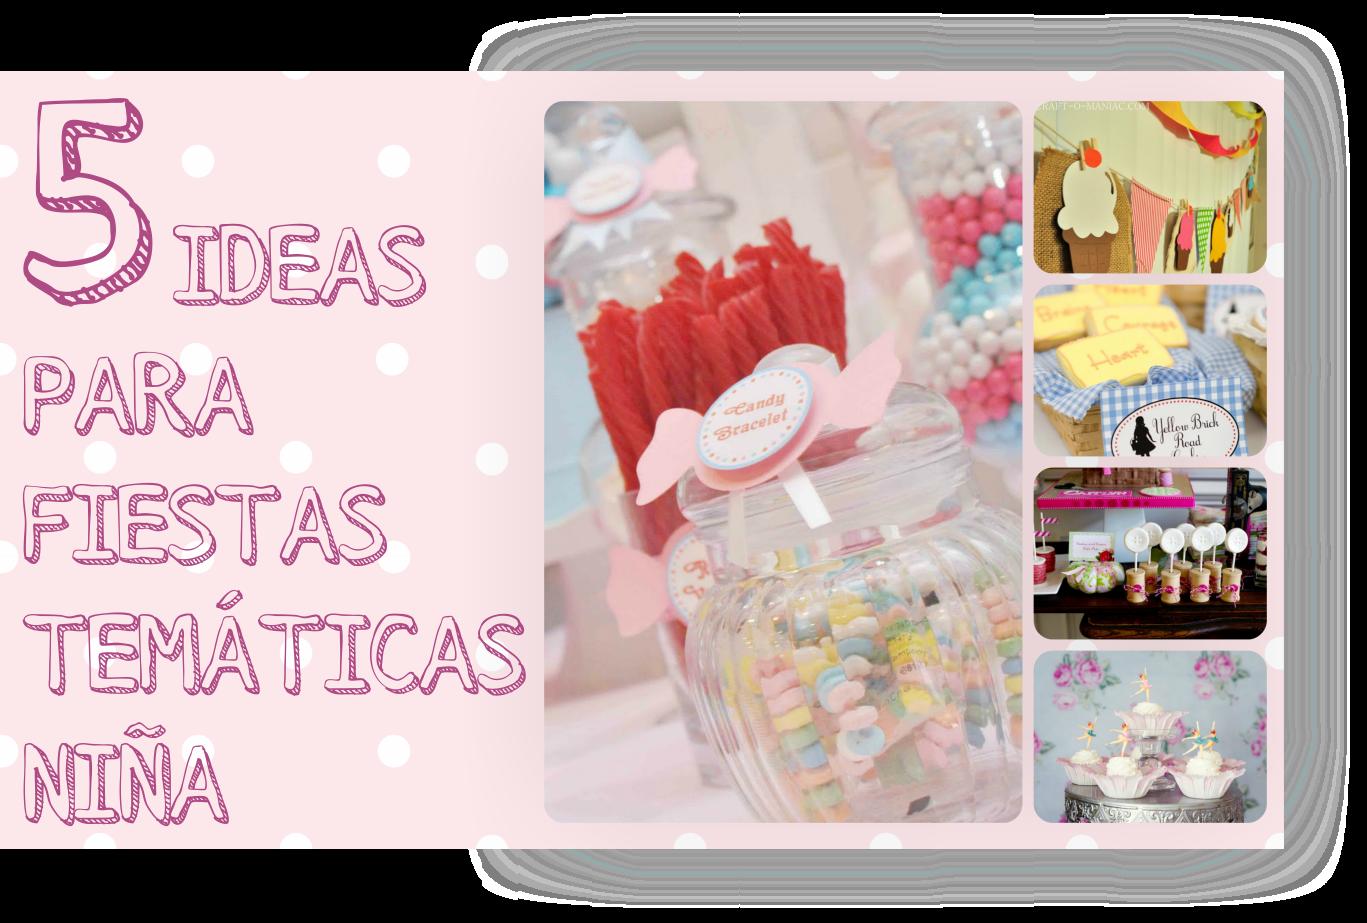 Partty fiestas tem ticas y decoraci n para fiestas 5 - Ideas fiestas tematicas ...